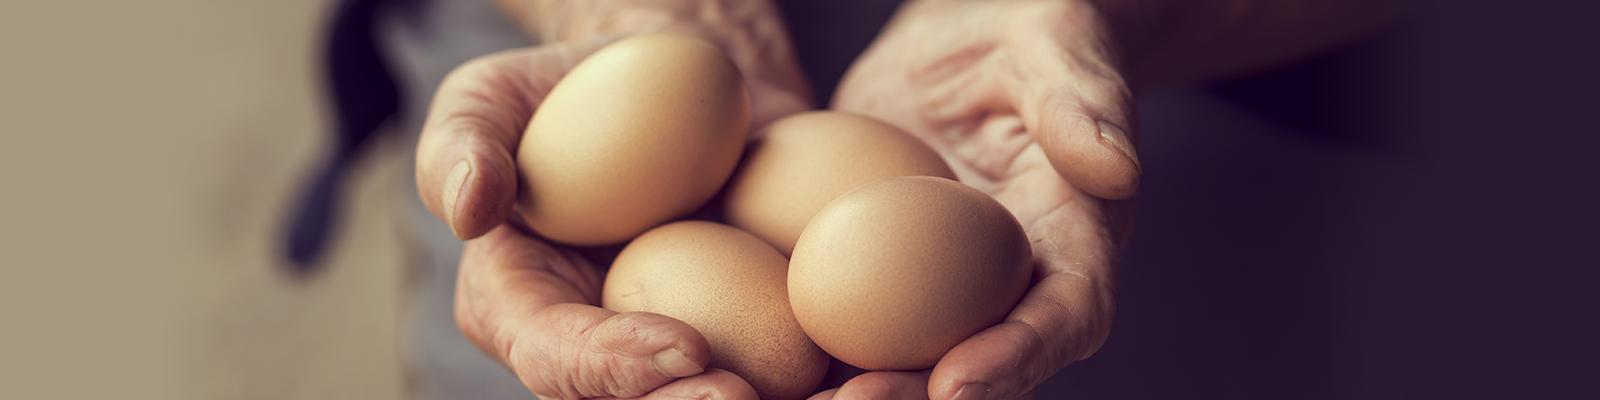 La Pasta con uova fresche di galline allevate a terra